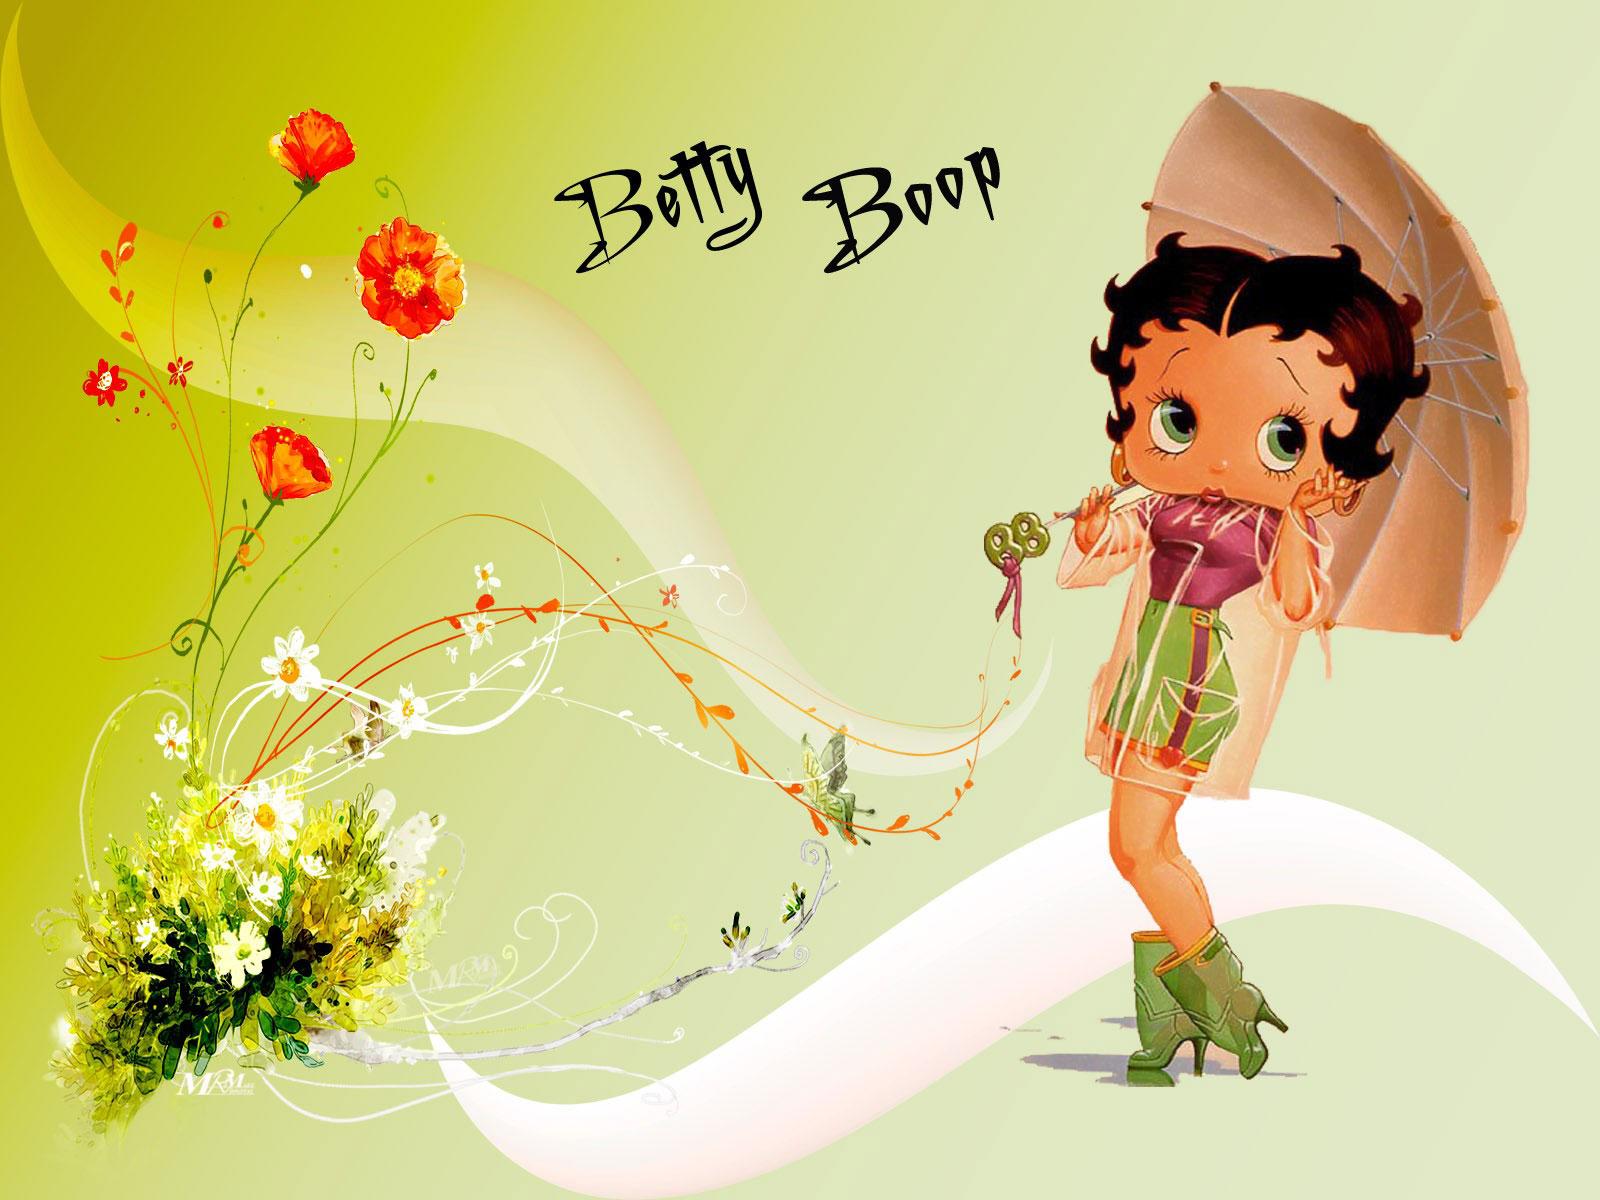 Betty Boop Screensavers and Wallpaper - WallpaperSafari